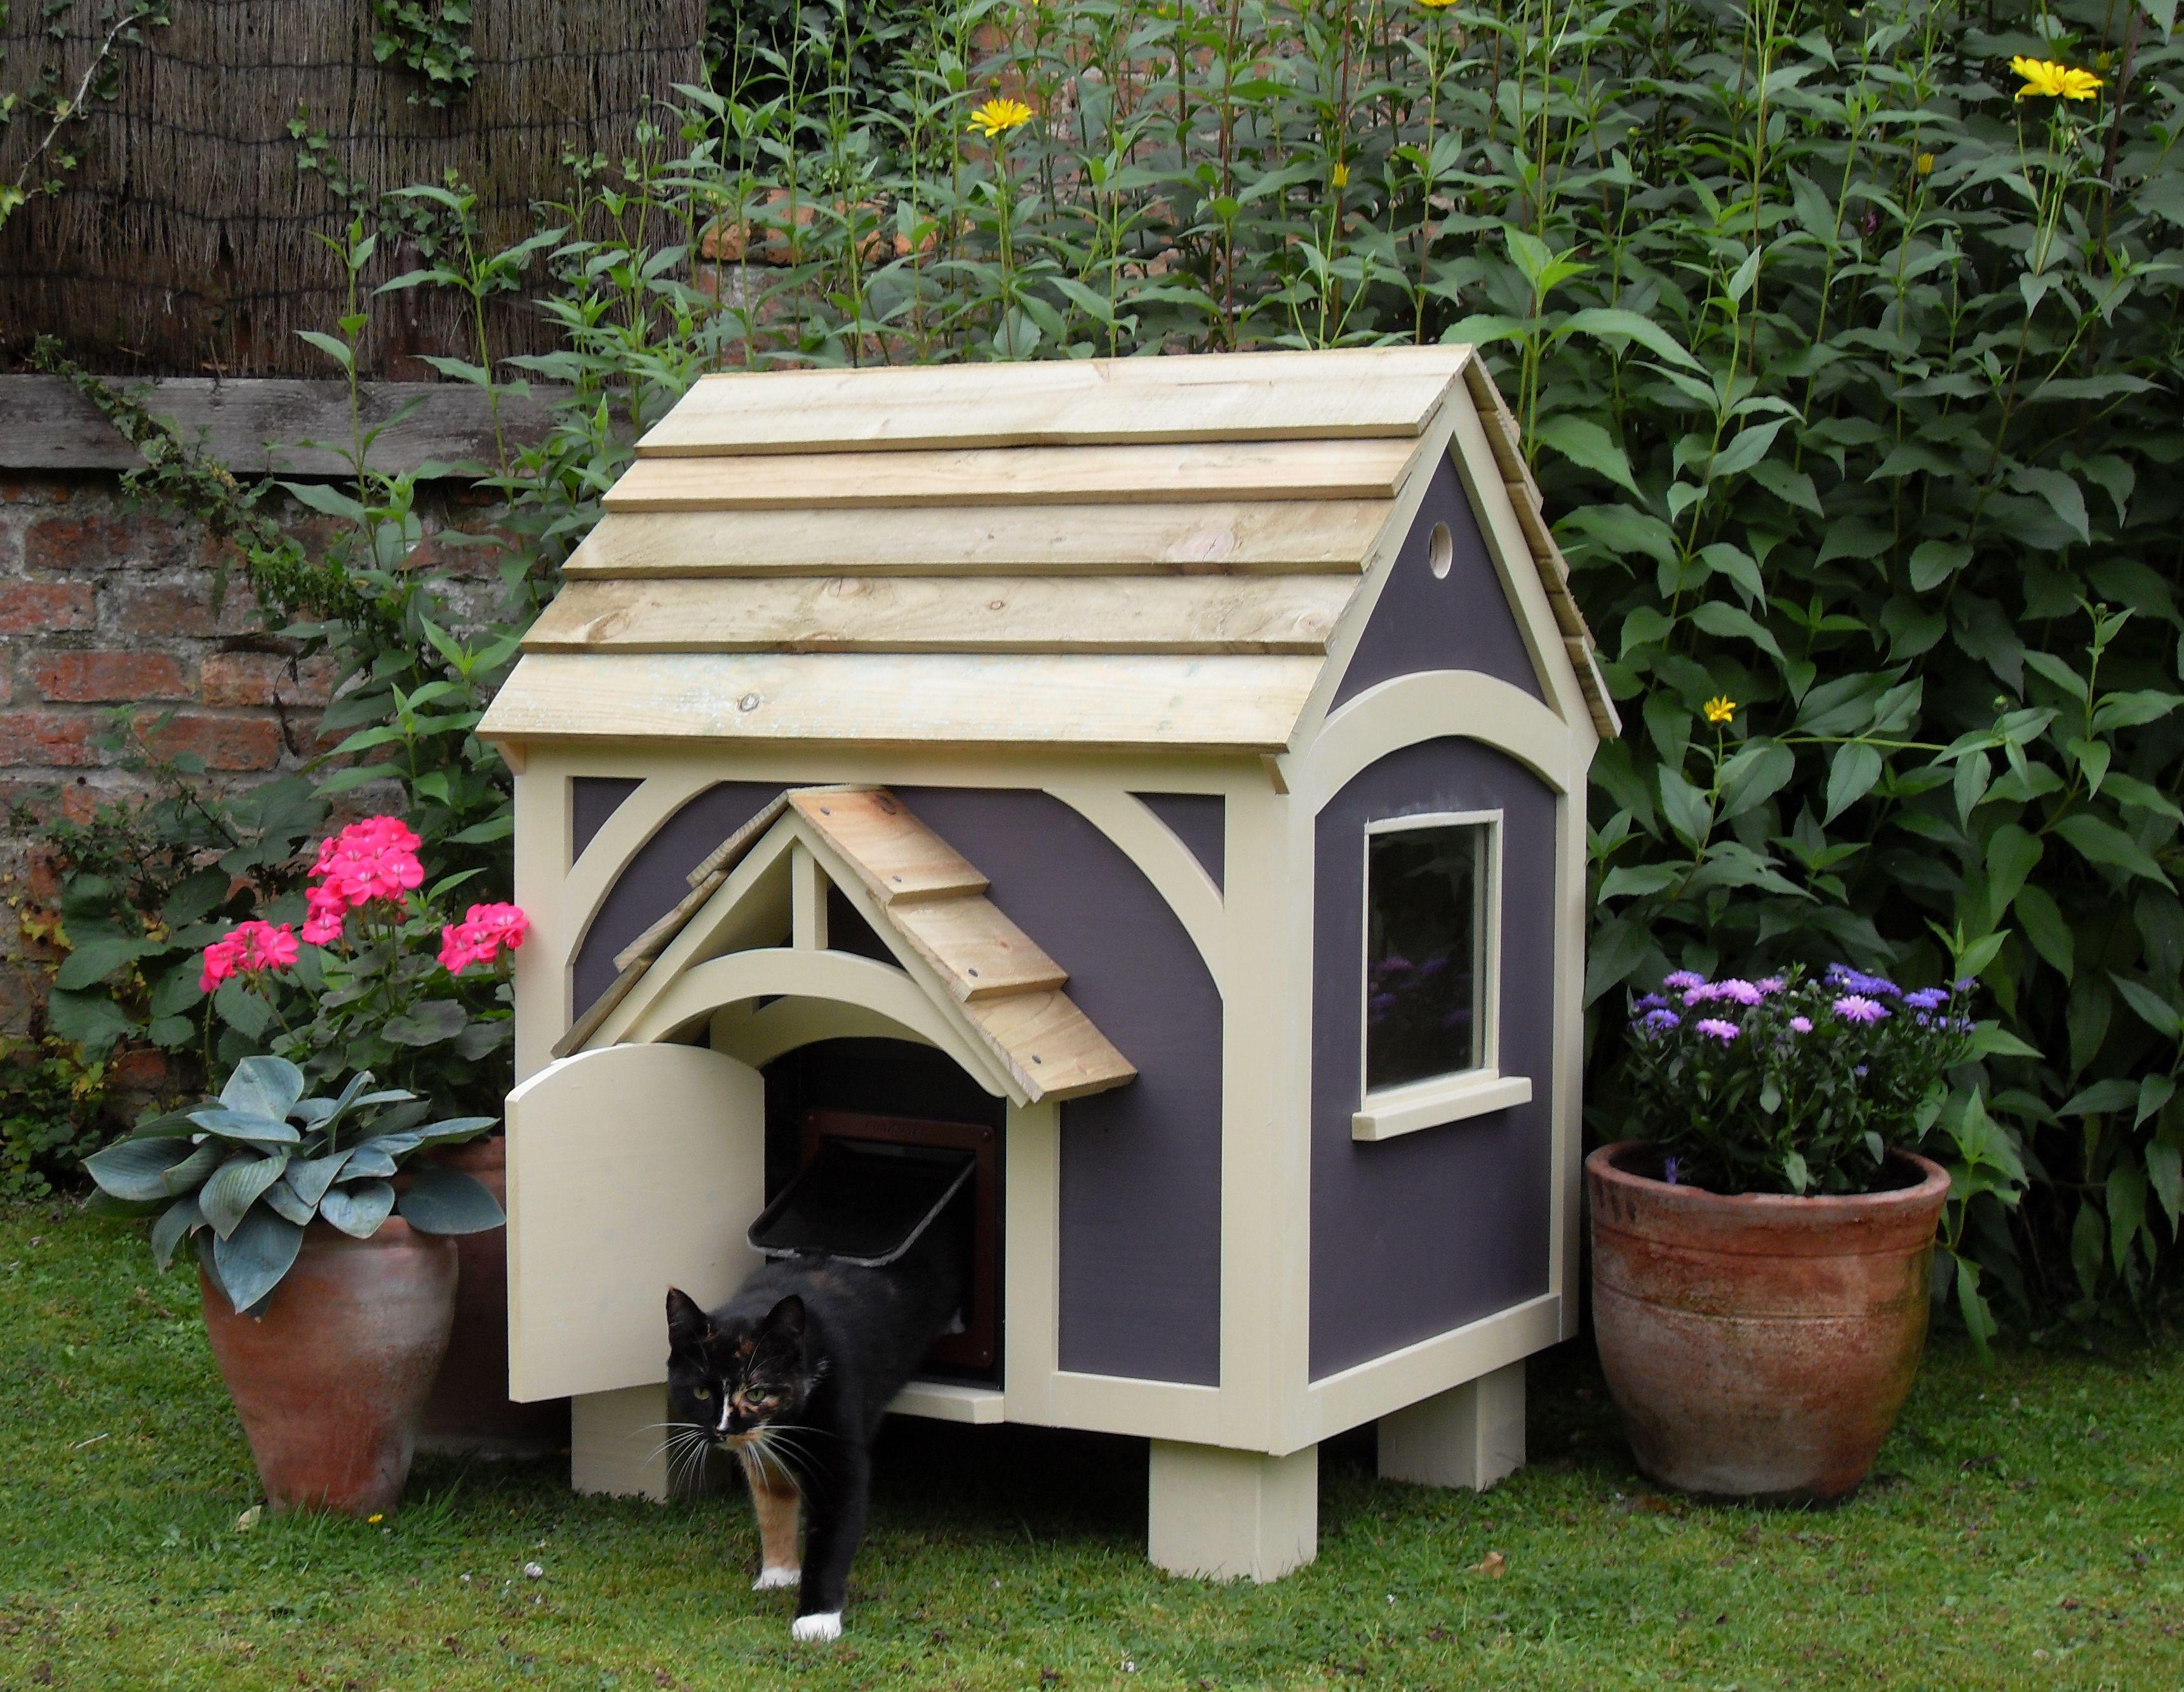 home for strays plants flowers garden pinterest katzen katzen haus und katzenhaus. Black Bedroom Furniture Sets. Home Design Ideas